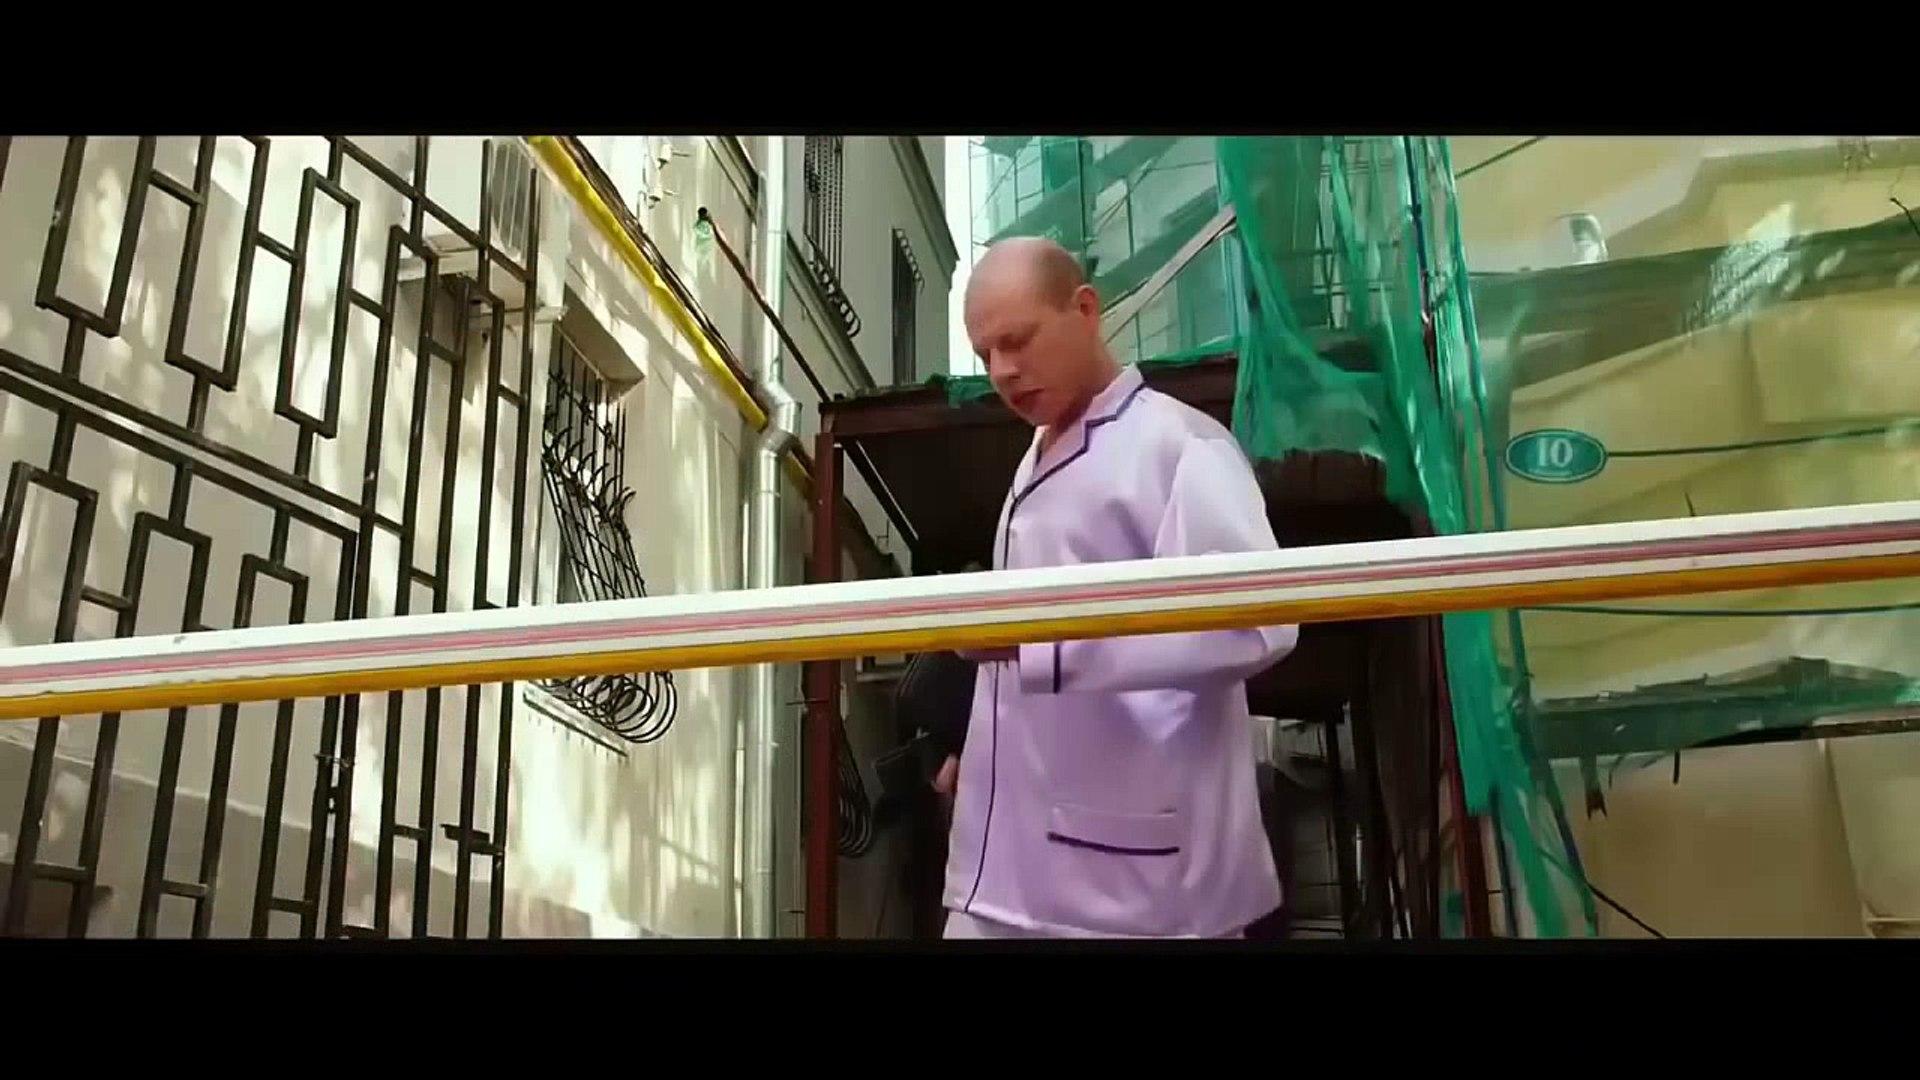 СЕМЕЙНЫЕ КОМЕДИИ БОРОДА (2017) РЖАЧНЫЕ КОМЕДИИ 2017 HD 1 ЧАСТЬ